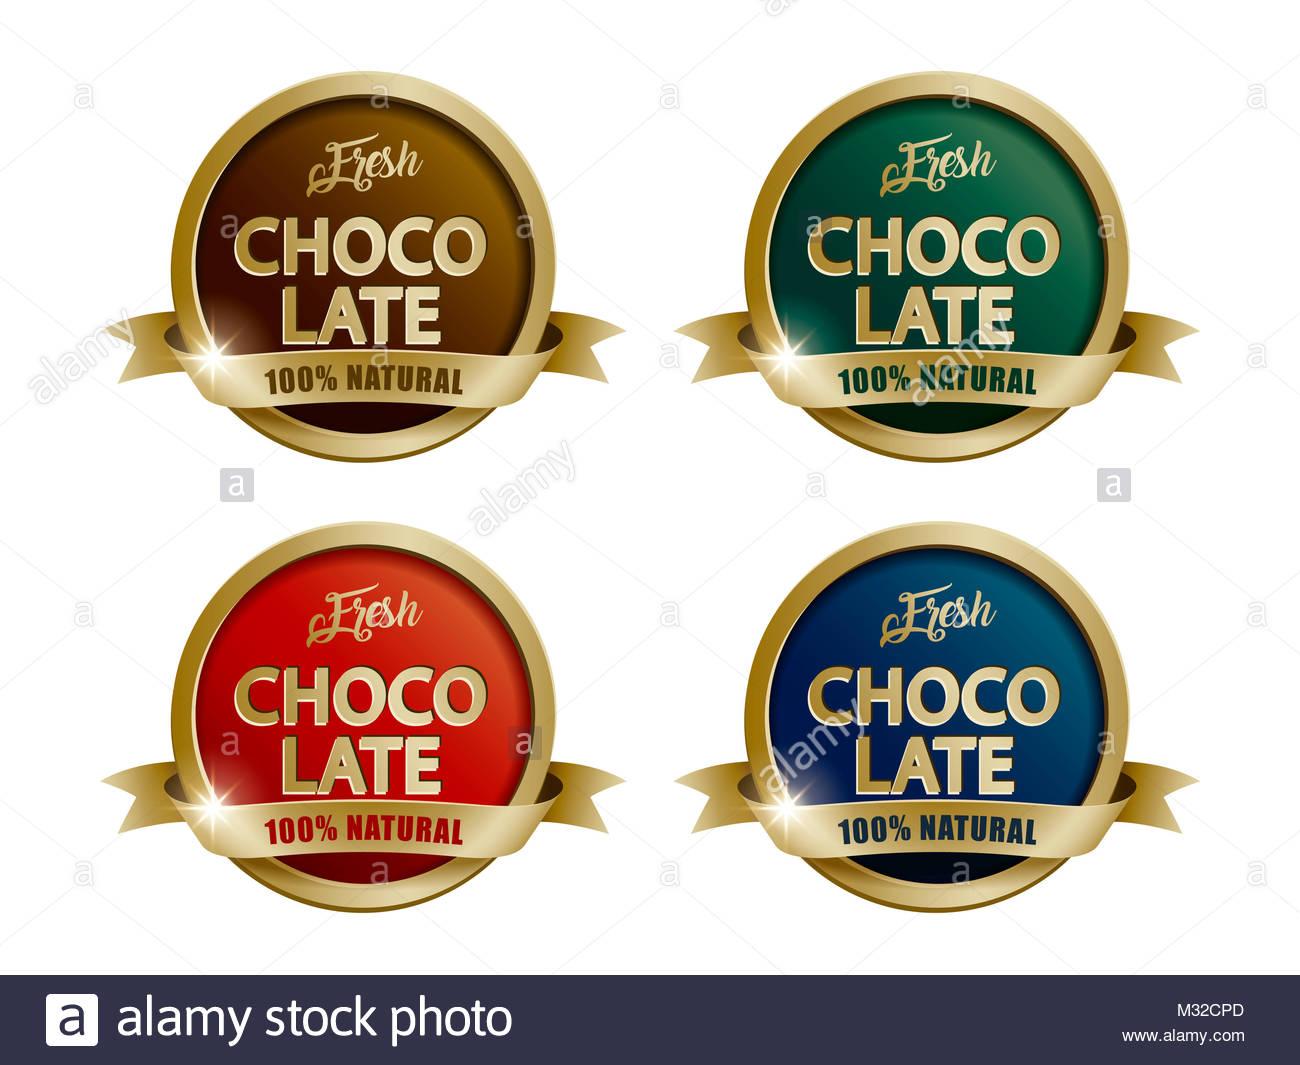 Frische Schokolade Labels, vier farbige Vorlagen mit goldenen Rahmen ...